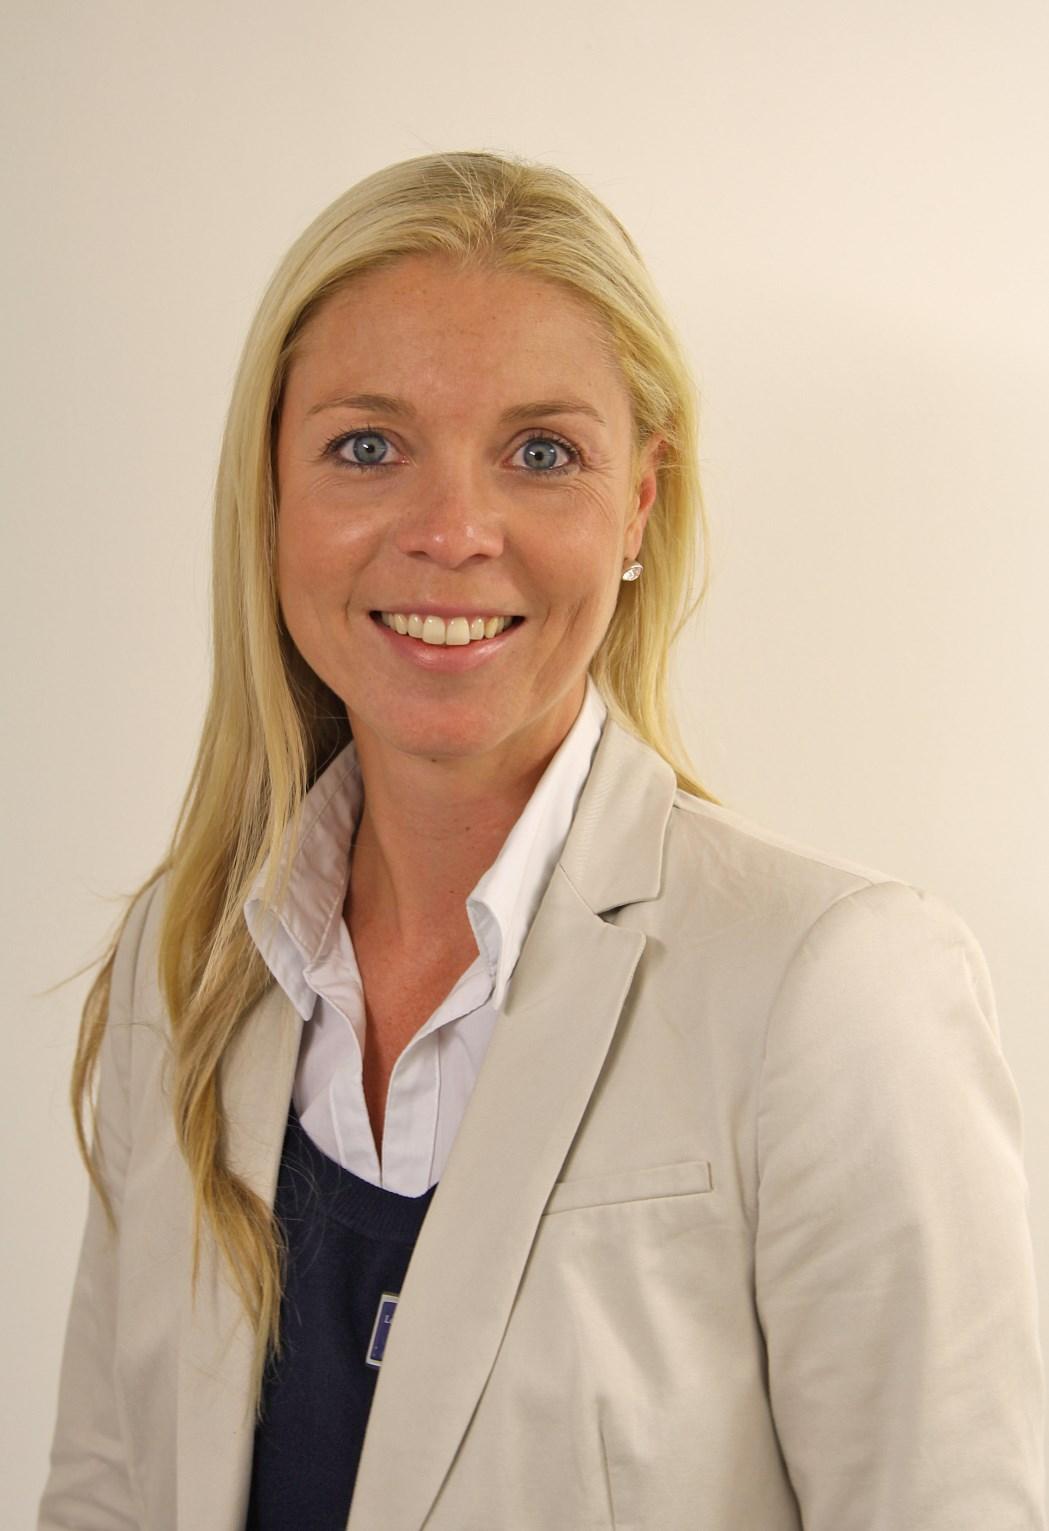 Candice Laubscher